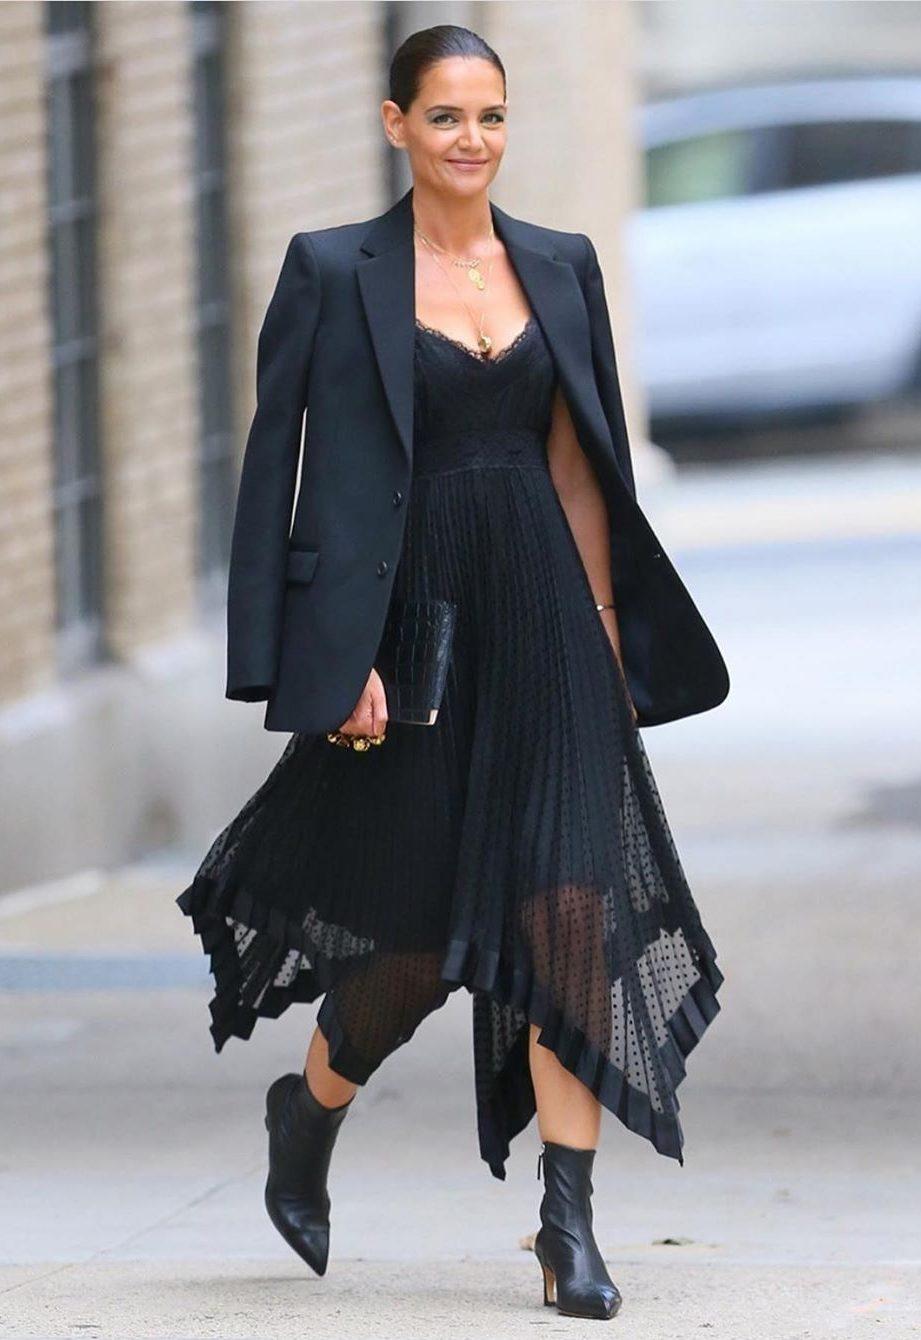 Девушка в черном асимметричном платье и жакет и ботильоны